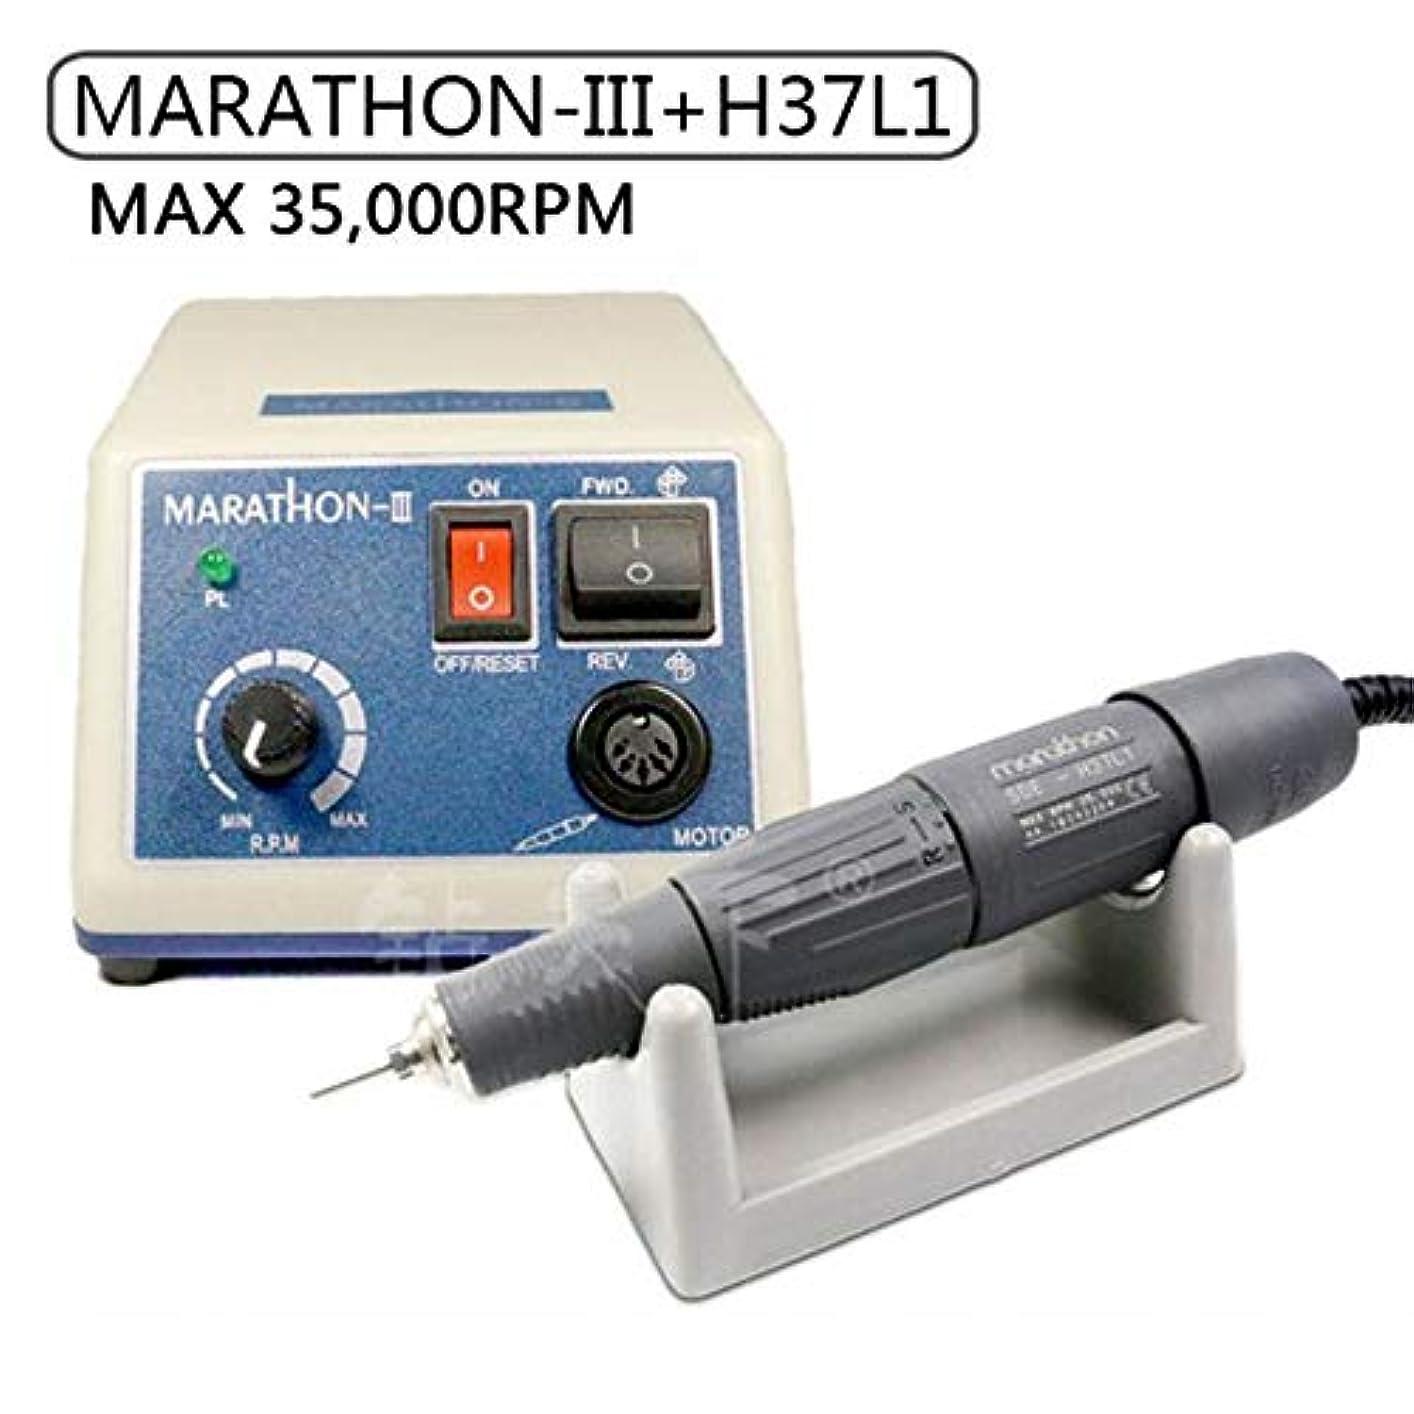 ゴージャス統計ミルク釘を研削、35000RPM強いハンドルネイルマニキュアマシンペディキュア電動ビットネイルアート用品ファイルドリル